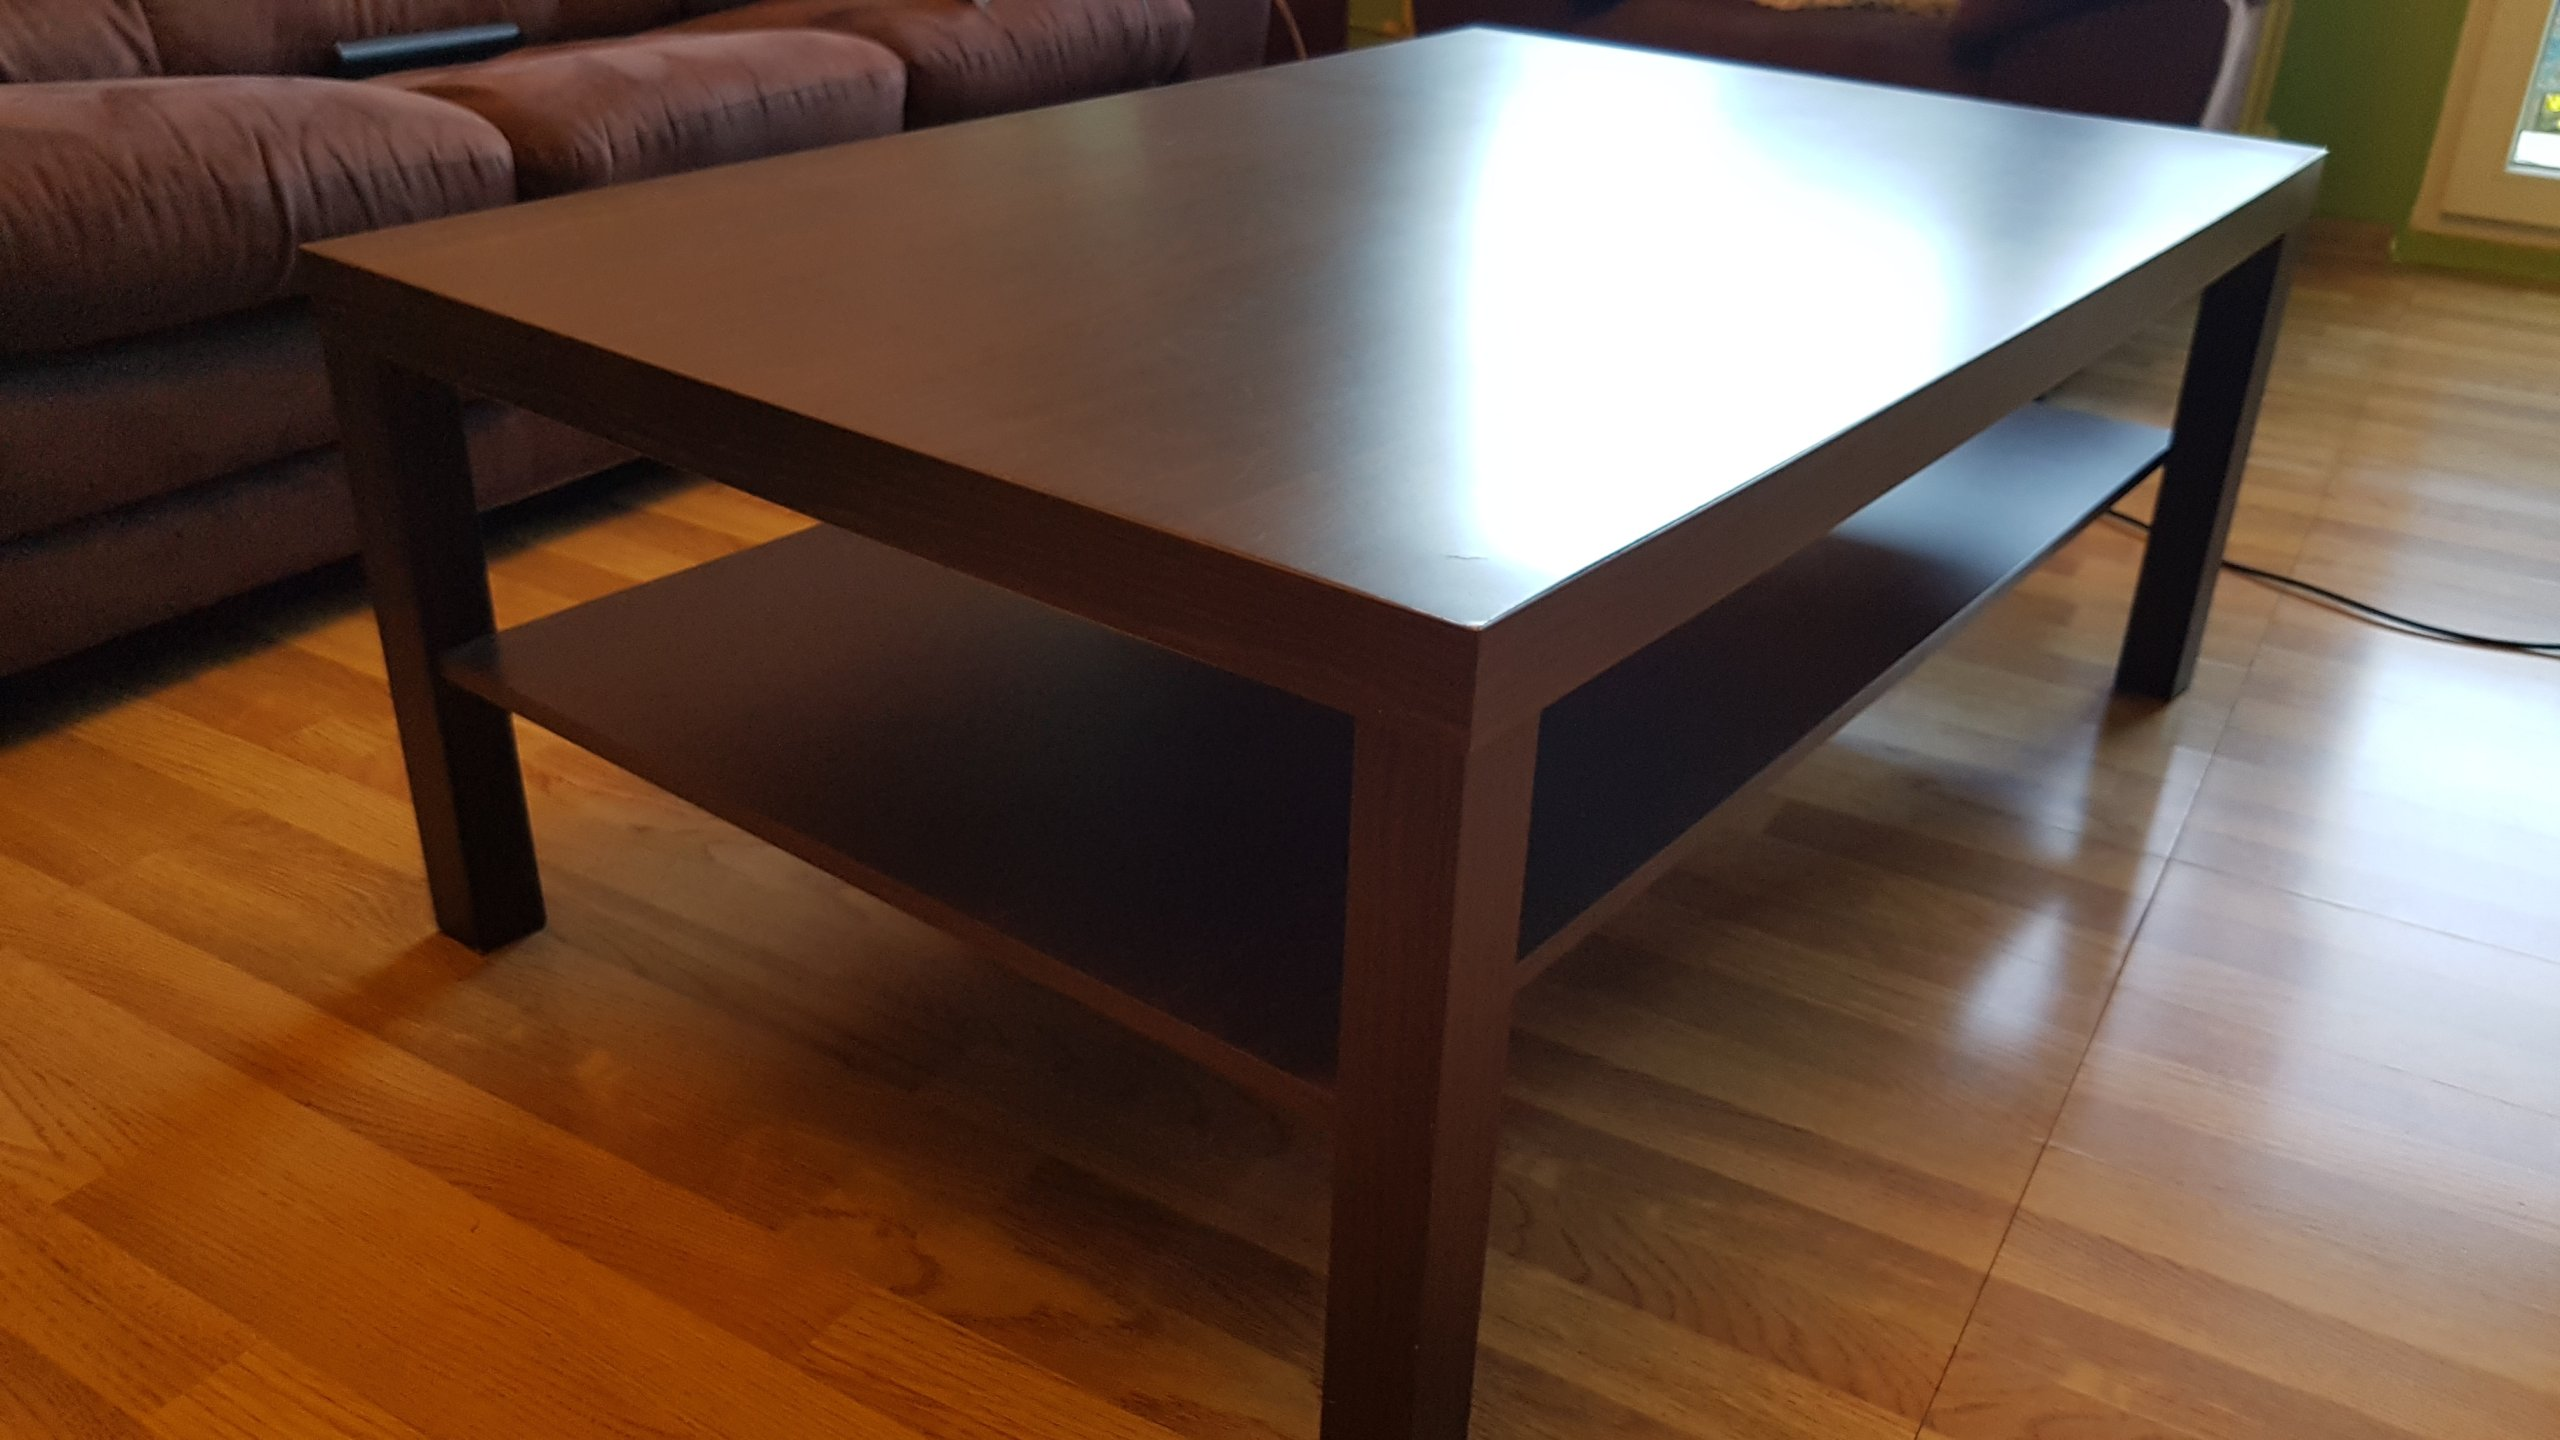 Stolik Kawowy Ikea Lack Duży Używany Tanio